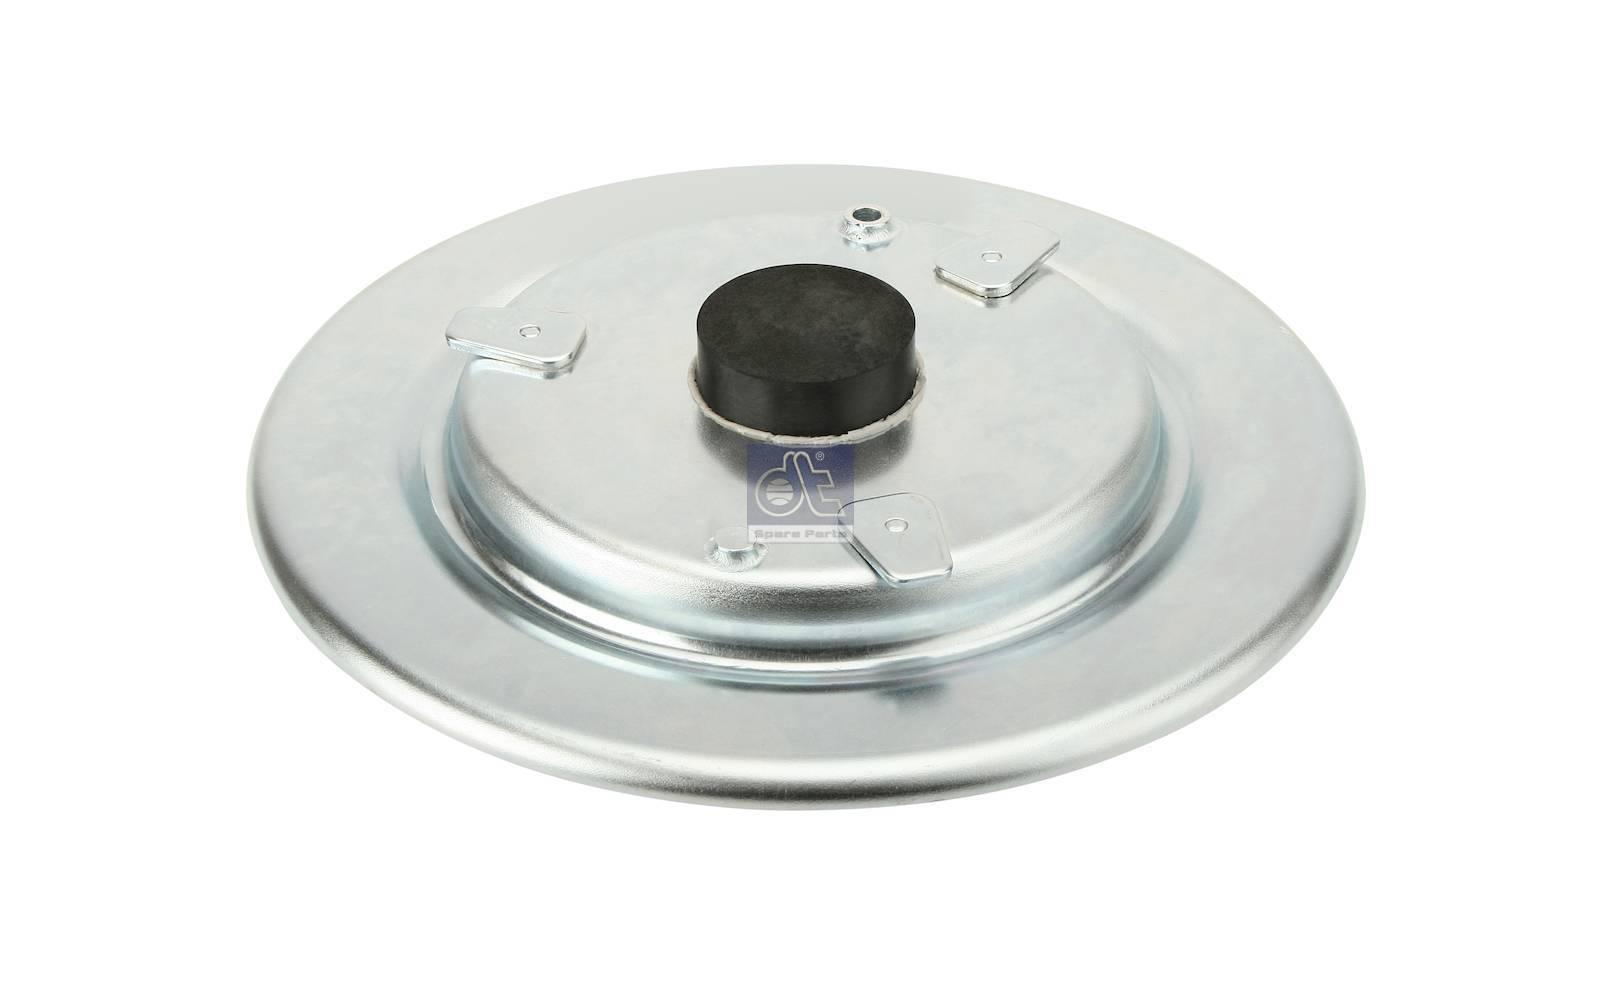 Placa base, fuelle de suspensión neumática